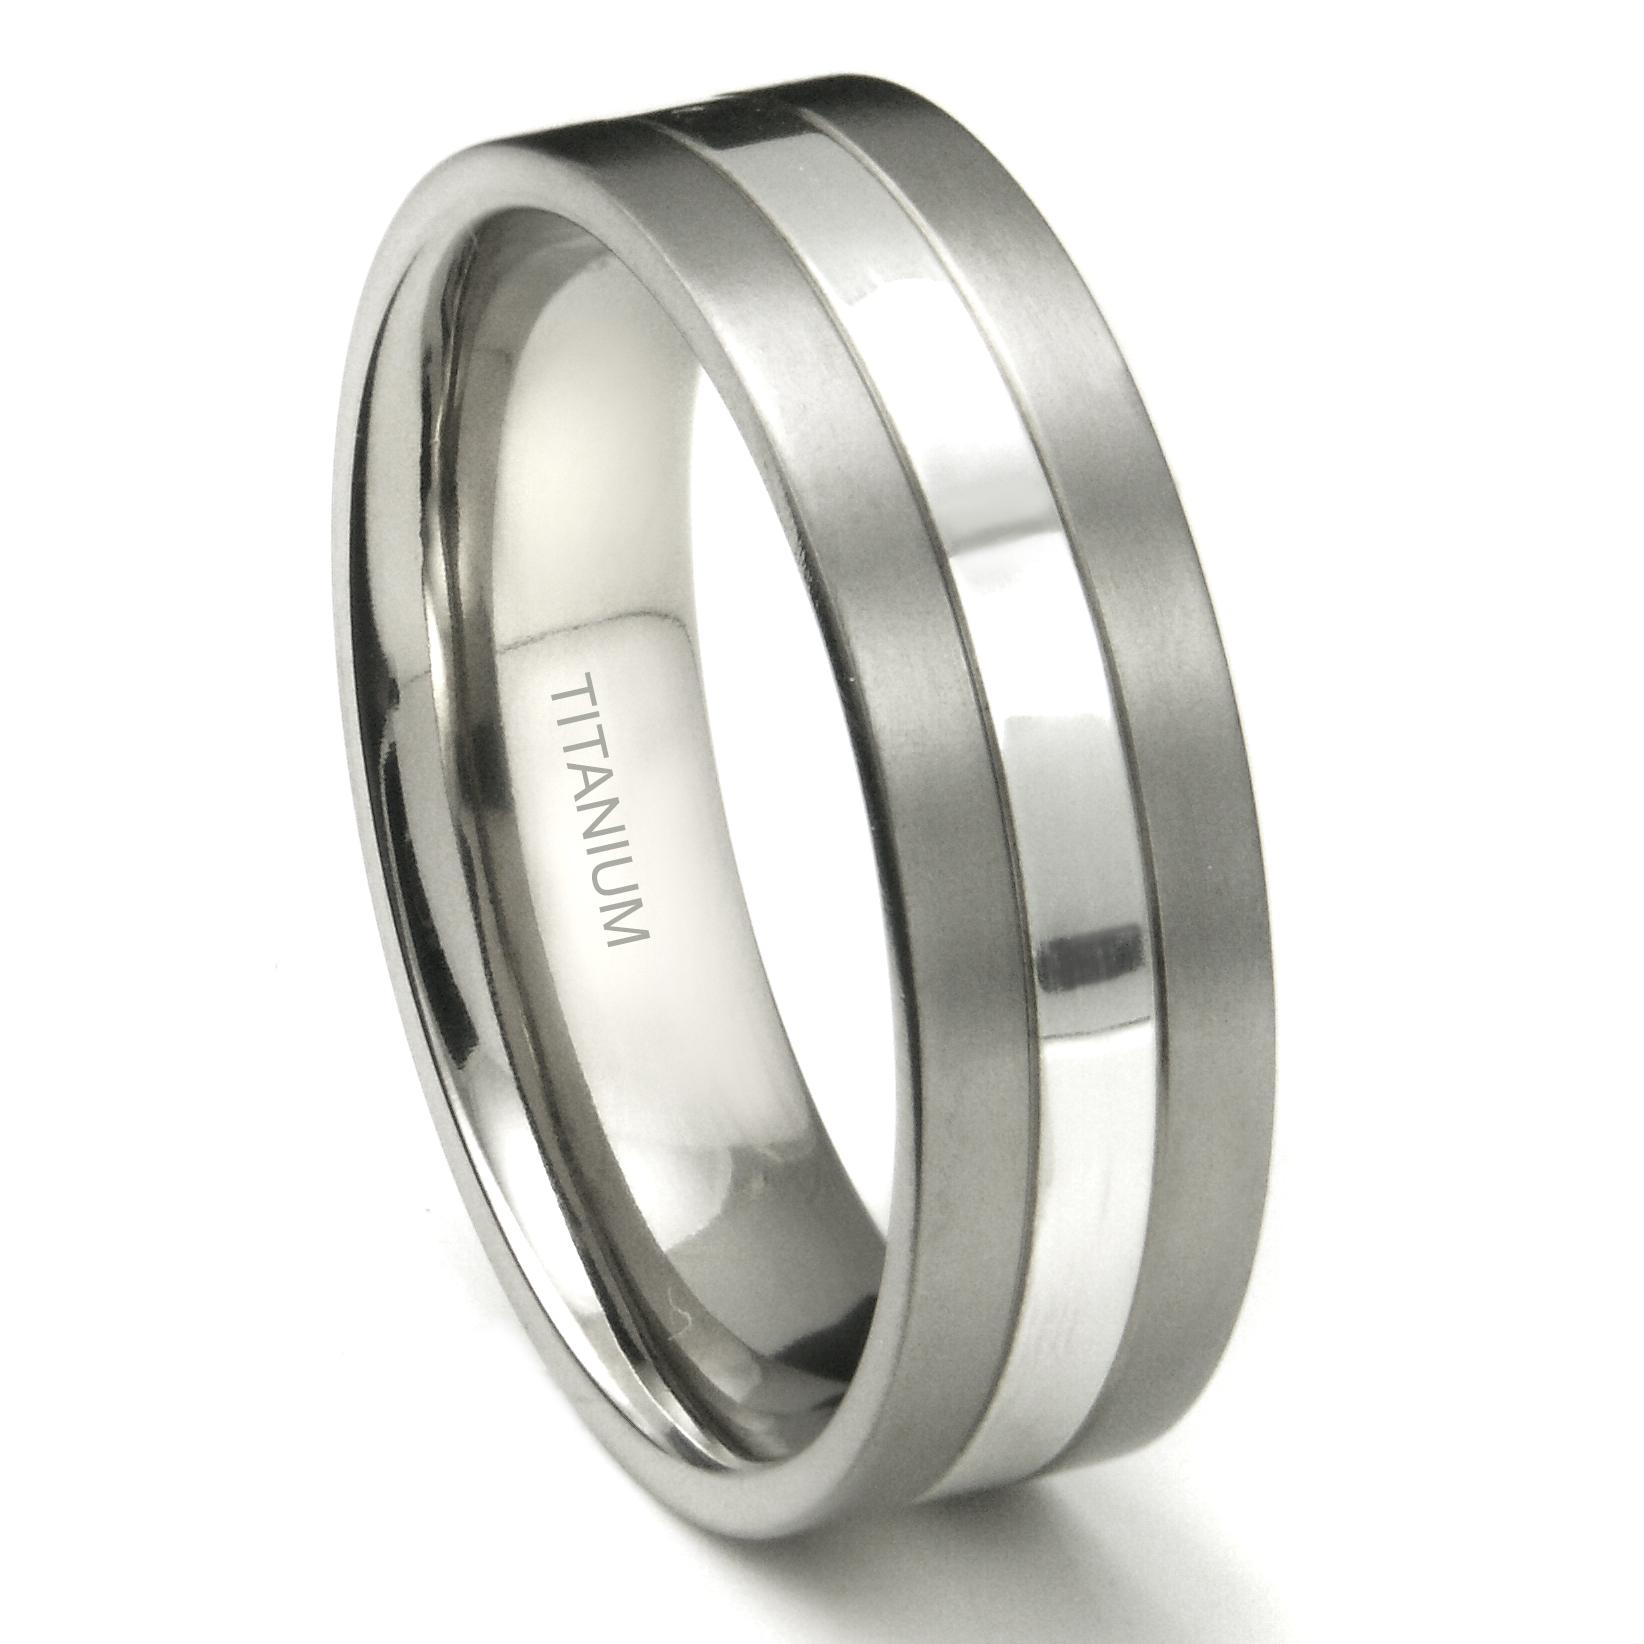 Titanium 7mm Two Tone Wedding Ring P titanium wedding band Home Men s Titanium Wedding Rings Loading zoom